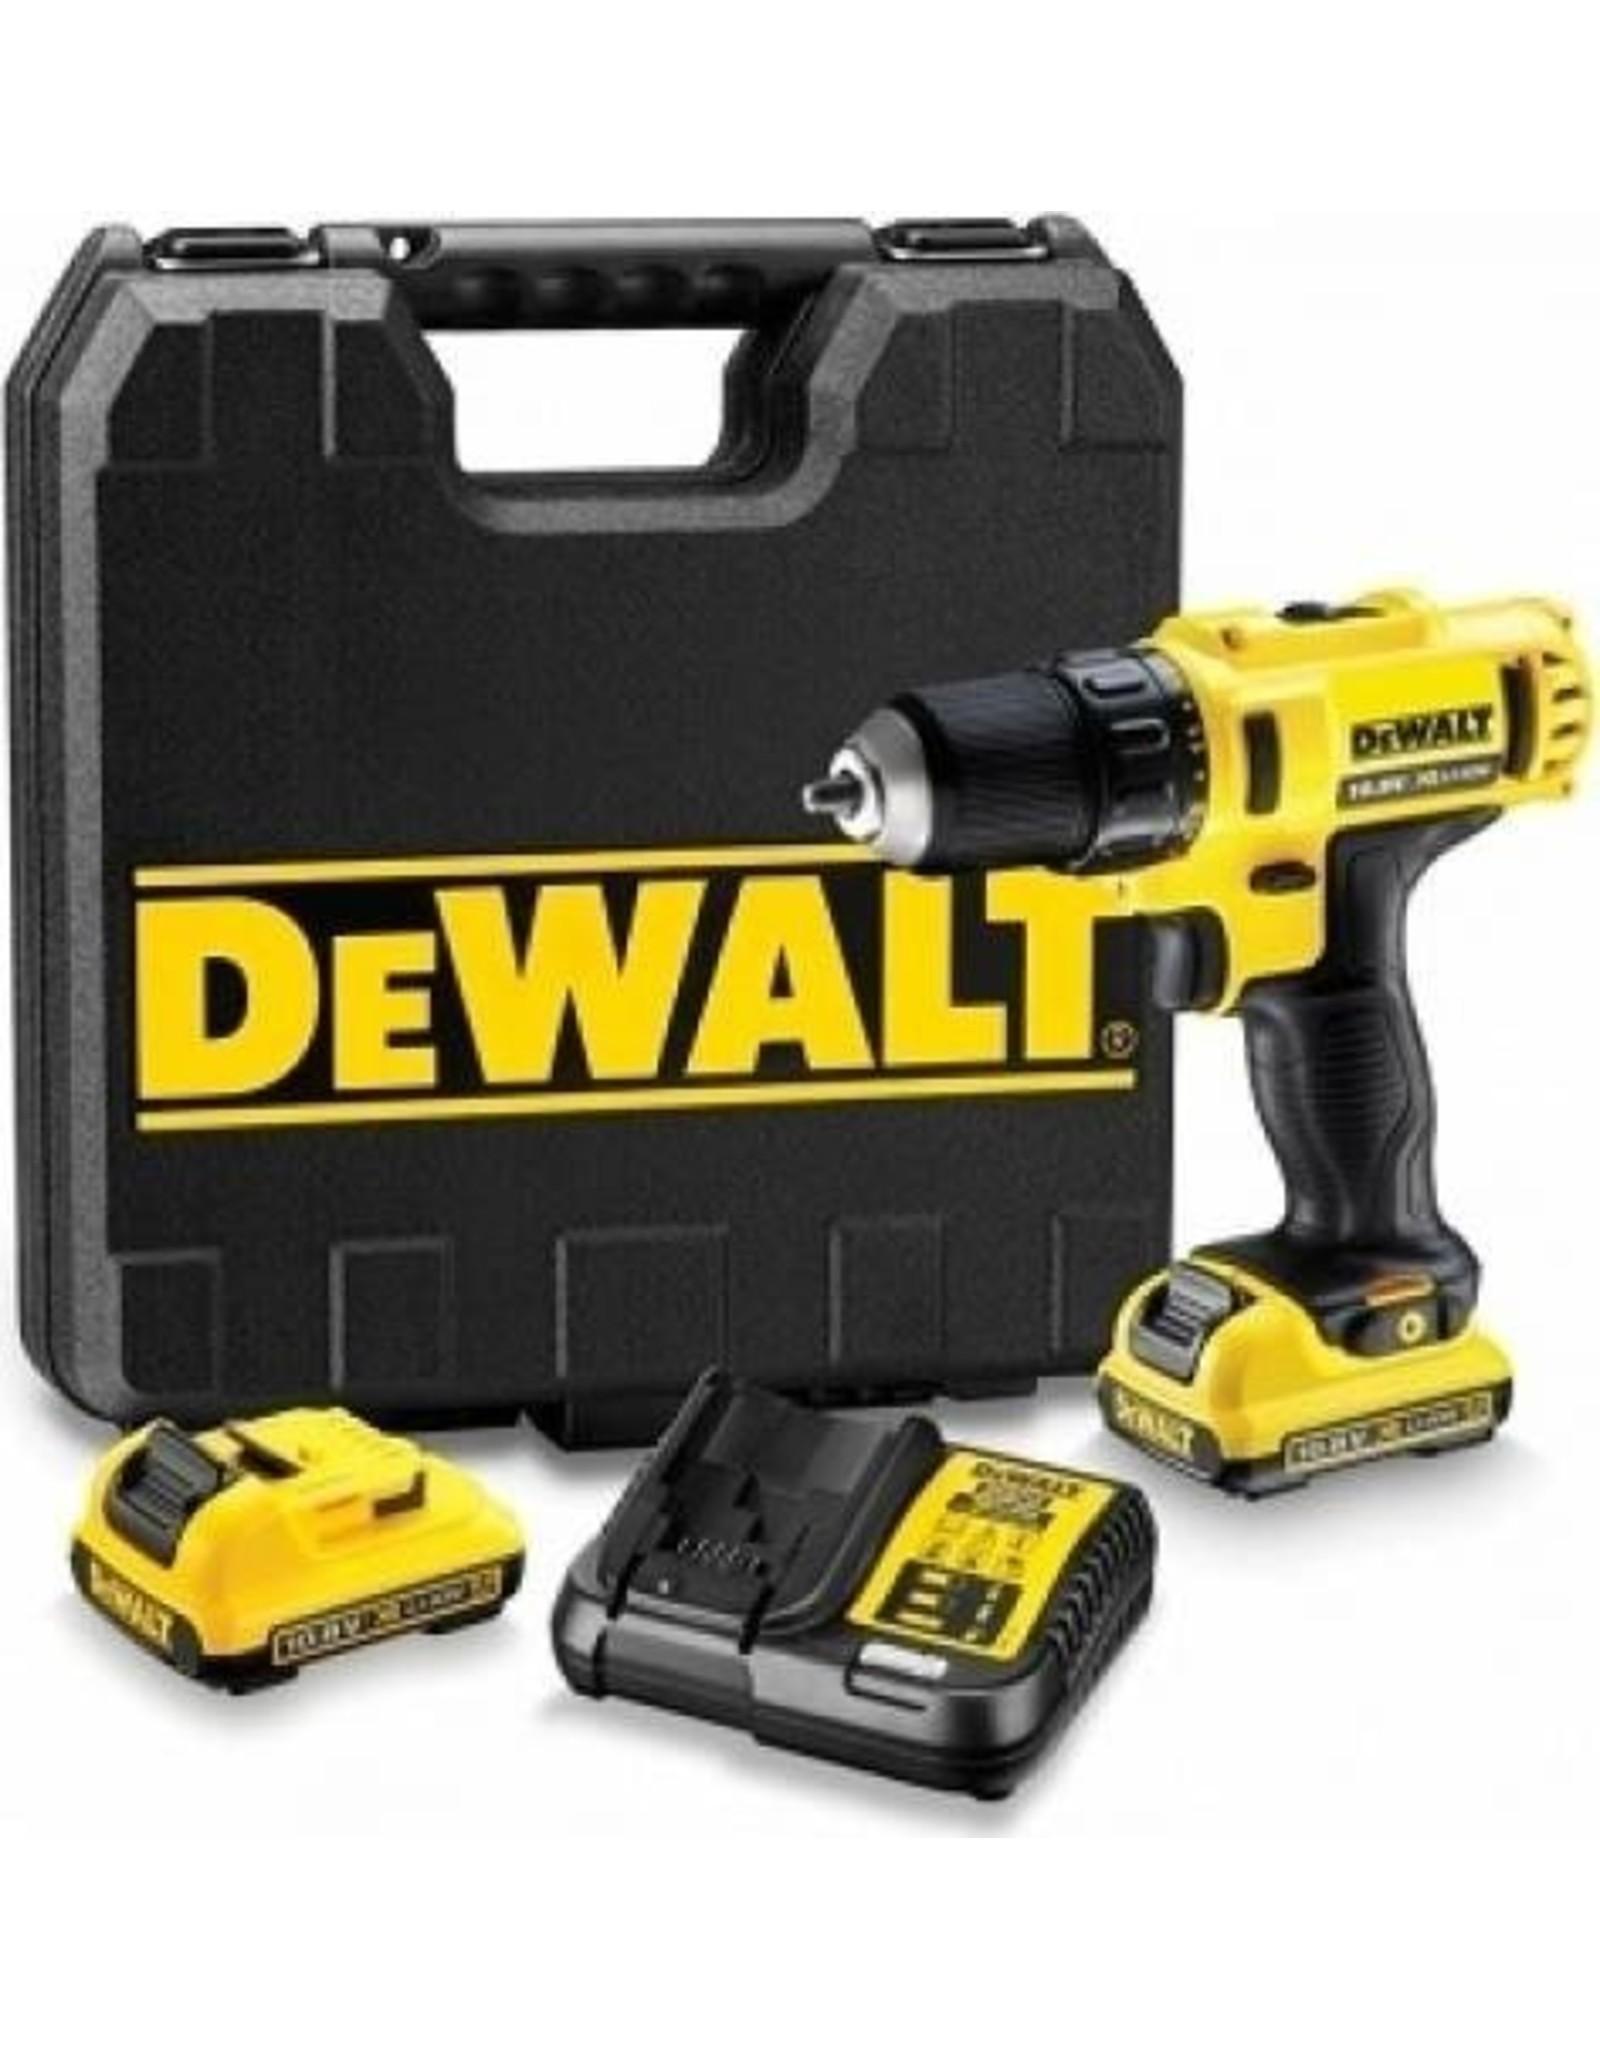 DeWALT DeWALT DCD710D2 Schroefboormachine Incl. 2 accu's